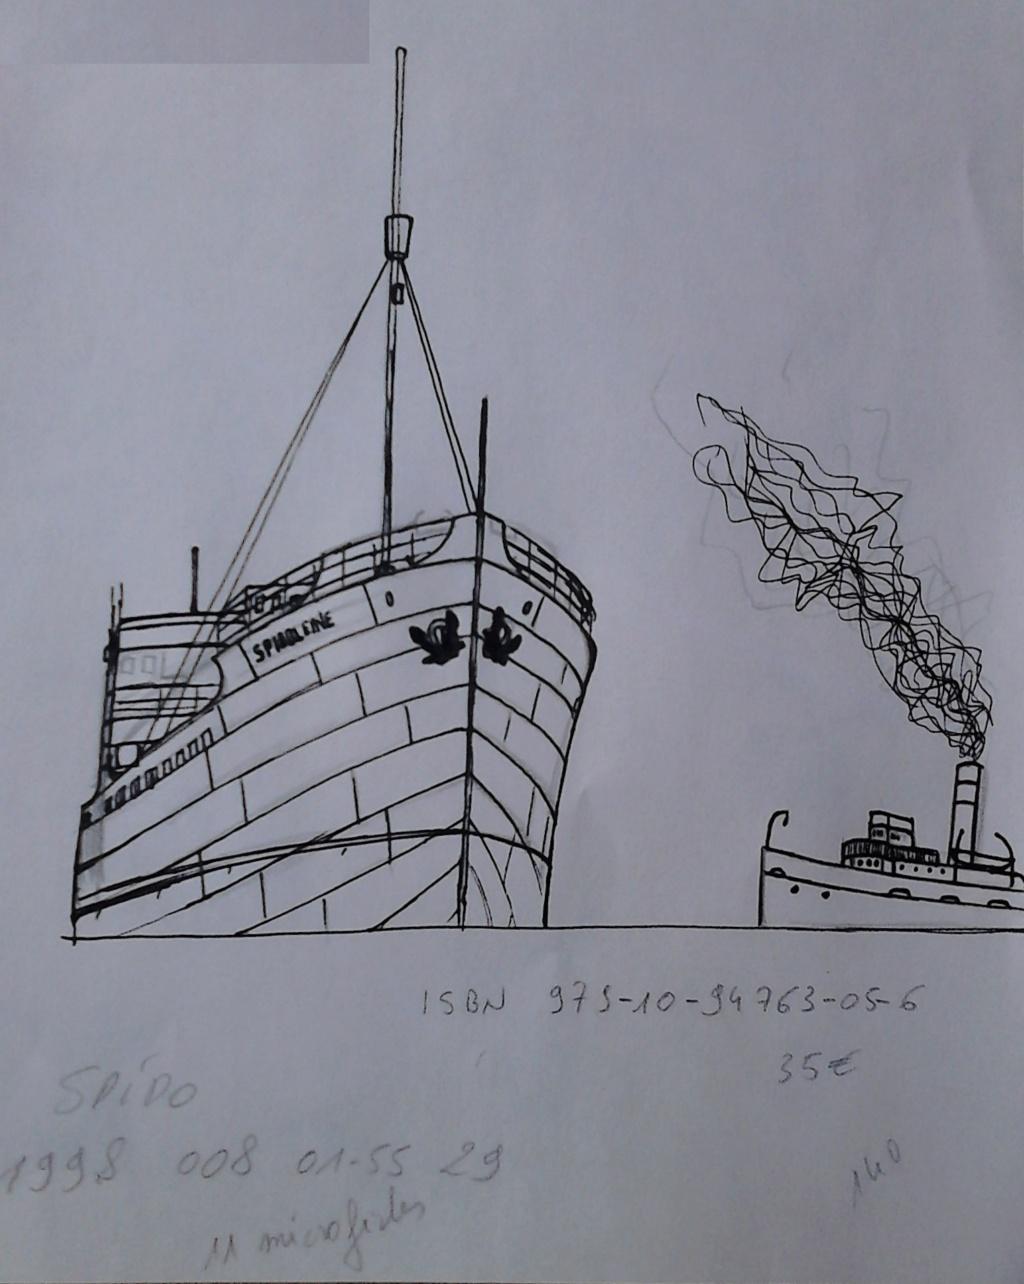 Peinture maritime : nouveau hobby ? - Page 24 Dsc_0010